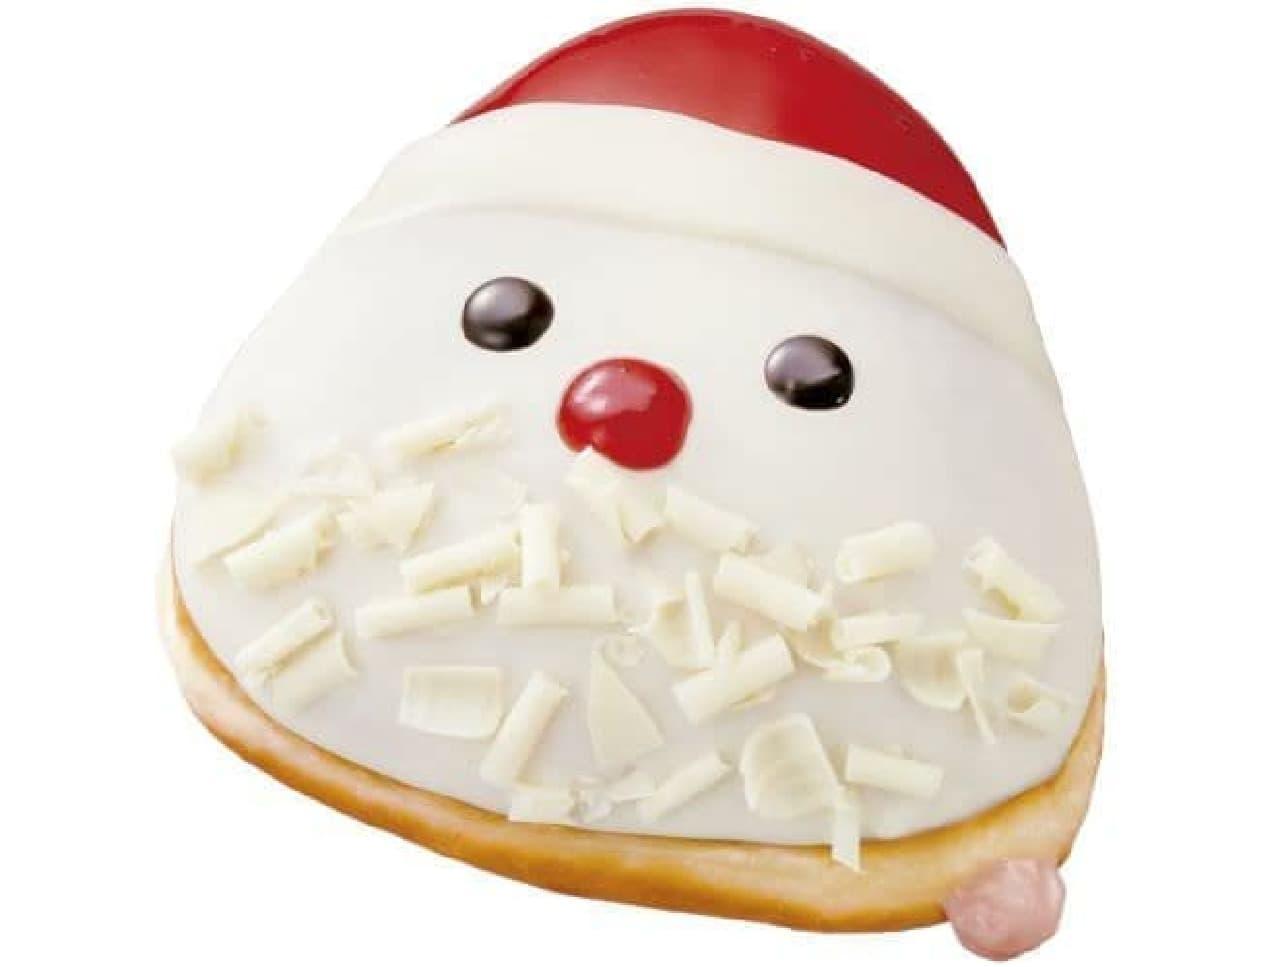 「ストロベリー チーズ サンタ」は、ホワイトチョコをベースに、ストロベリーナパージュとビターチョコで描いたサンタのドーナツ